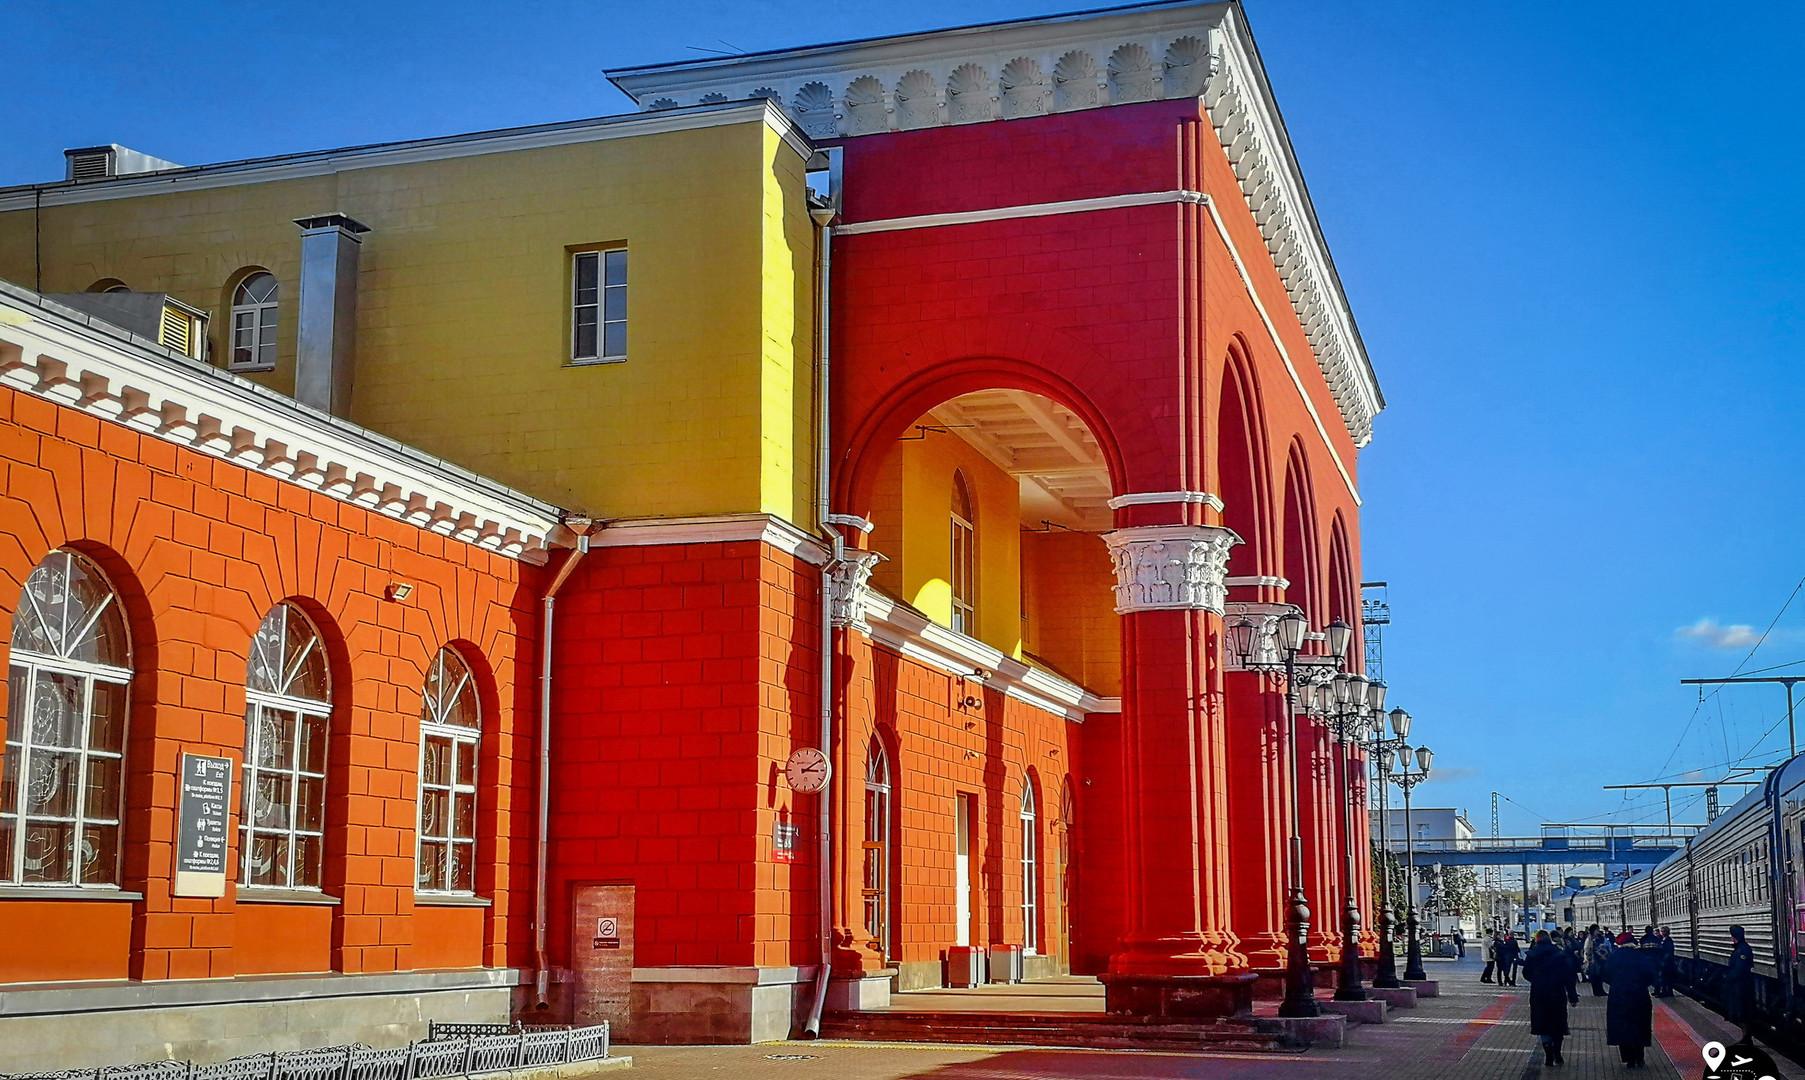 Ж/д вокзал Орёл